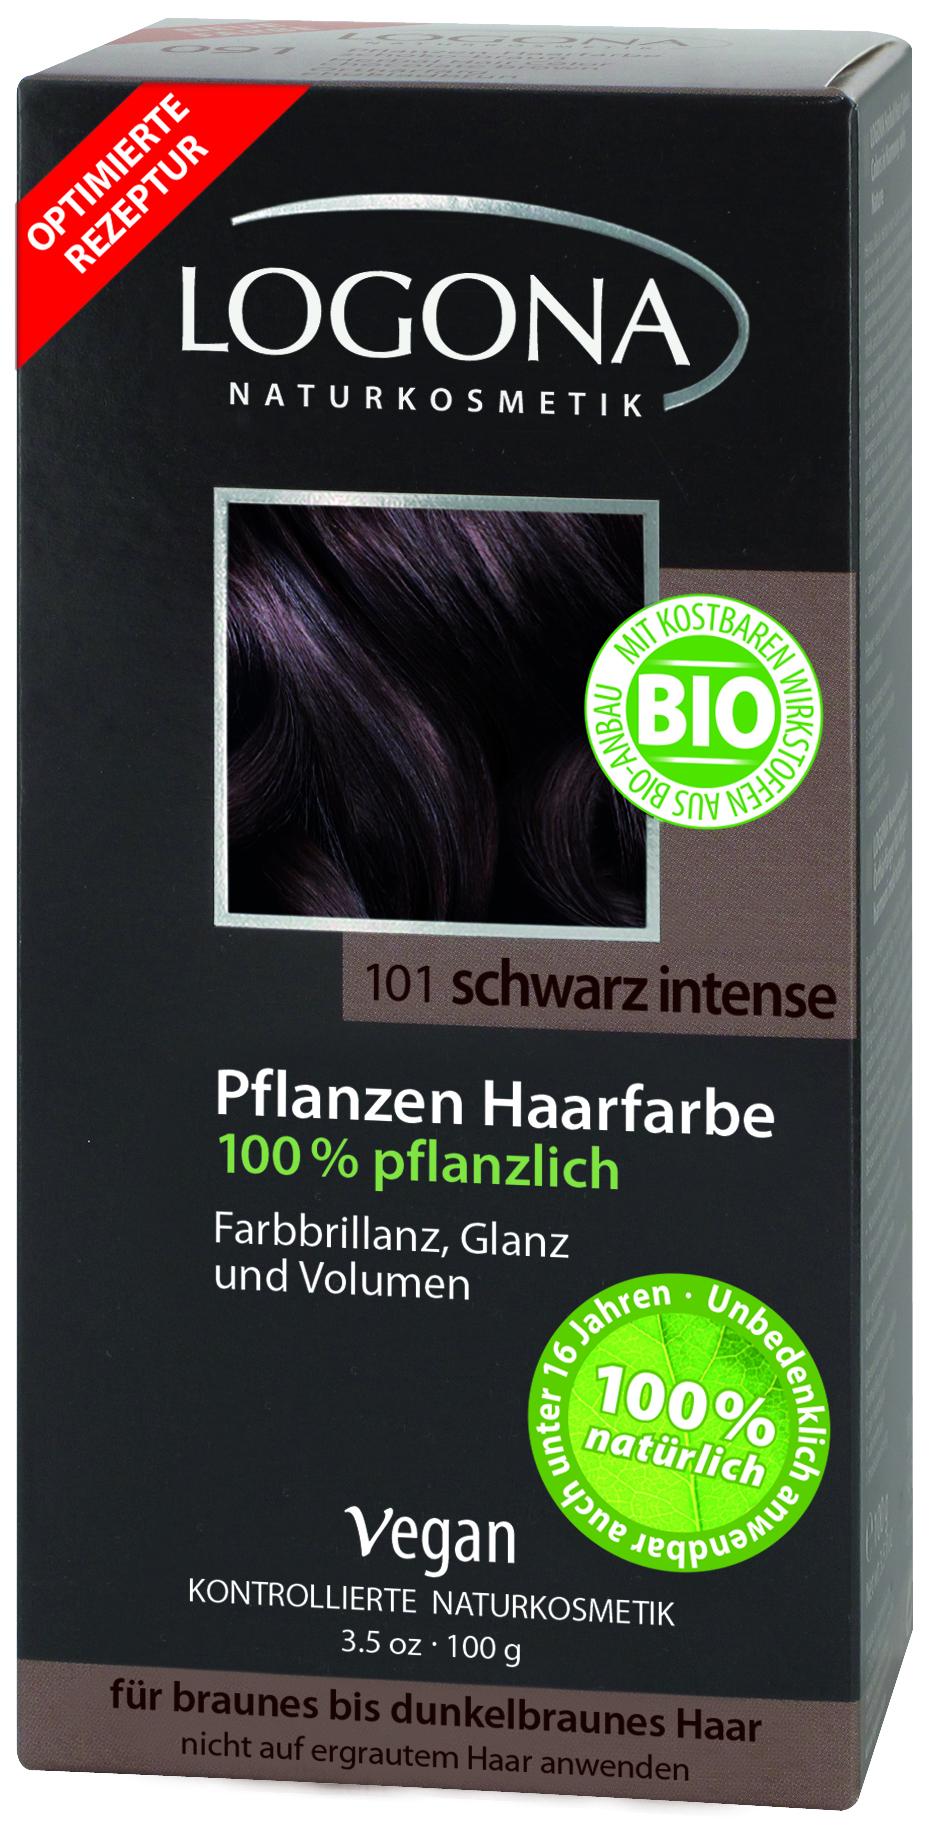 Logona растительная краска для волос 101 «Насыщенно-черный» 100 гр01111Оттенок «Насыщенно-черный» подходит для каштановых и темно-каштановых волос. Растительные краски для волос Logona действуют бережно и дают длительный эффект. Состав из хны и других красящих растений, а также веществ растительного происхождения для ухода за волосами естественным образом укрепляют волосы и придают им больше объема и яркости.